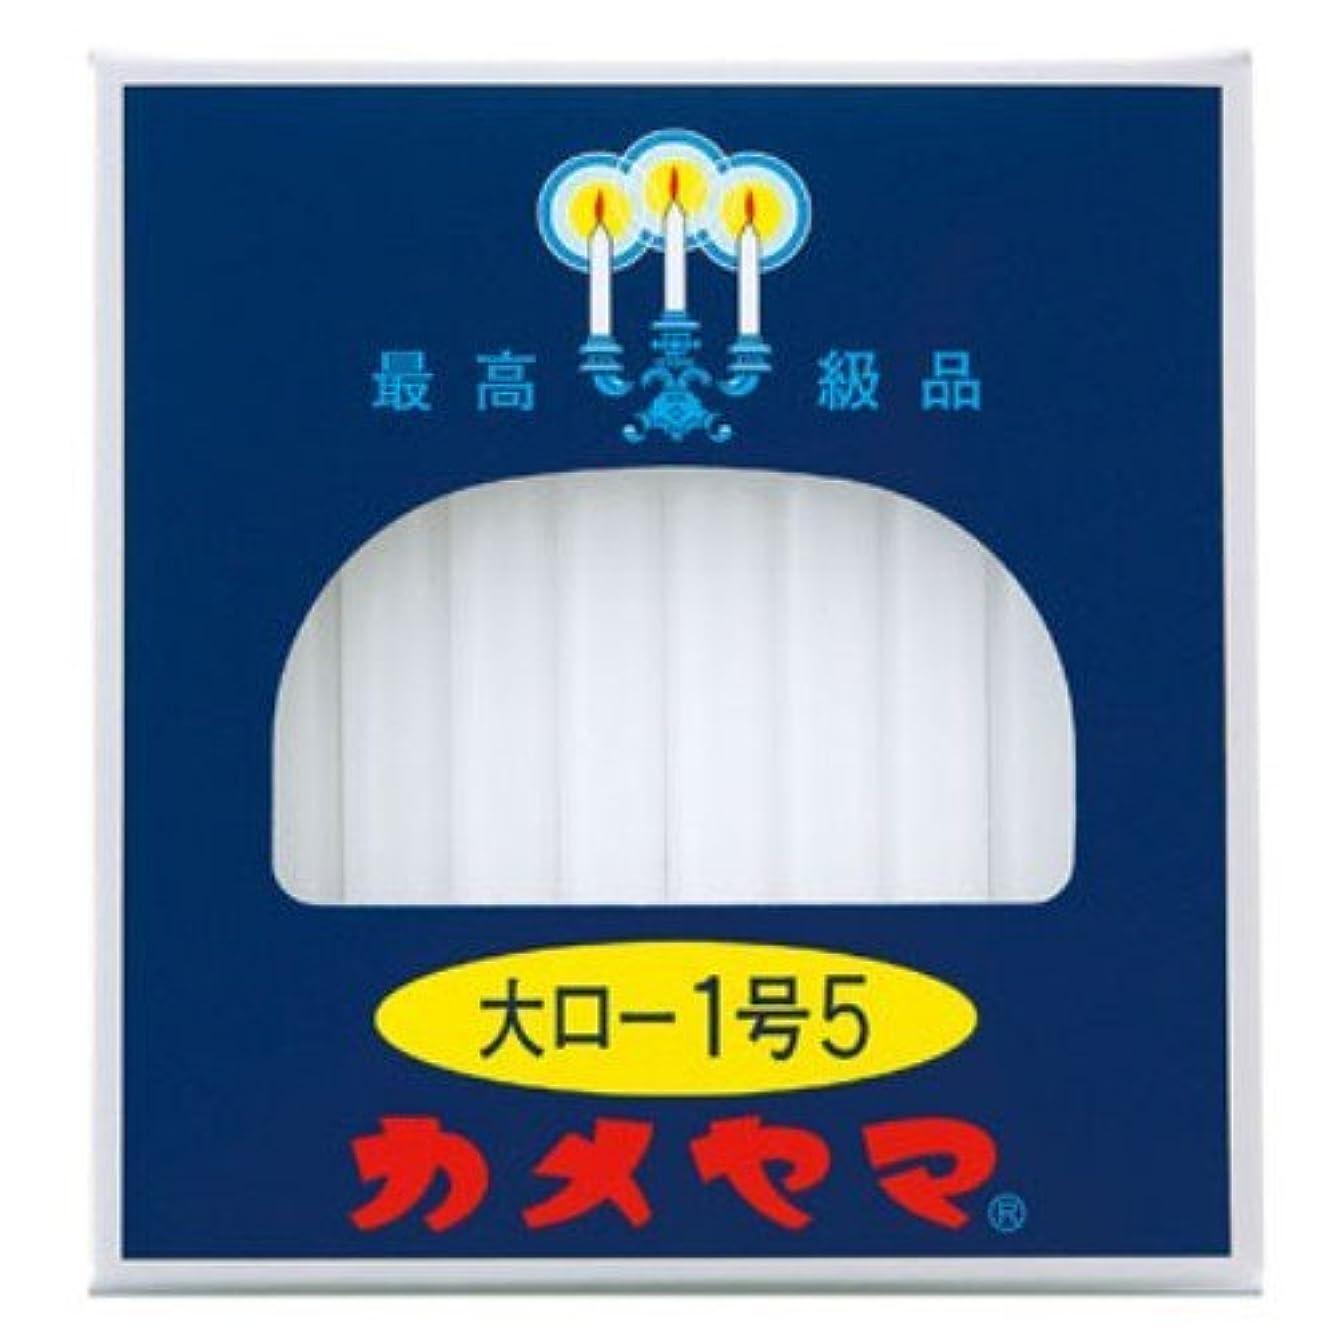 しなやかな持参共同選択カメヤマ ローソク大1.5号 40入 225G